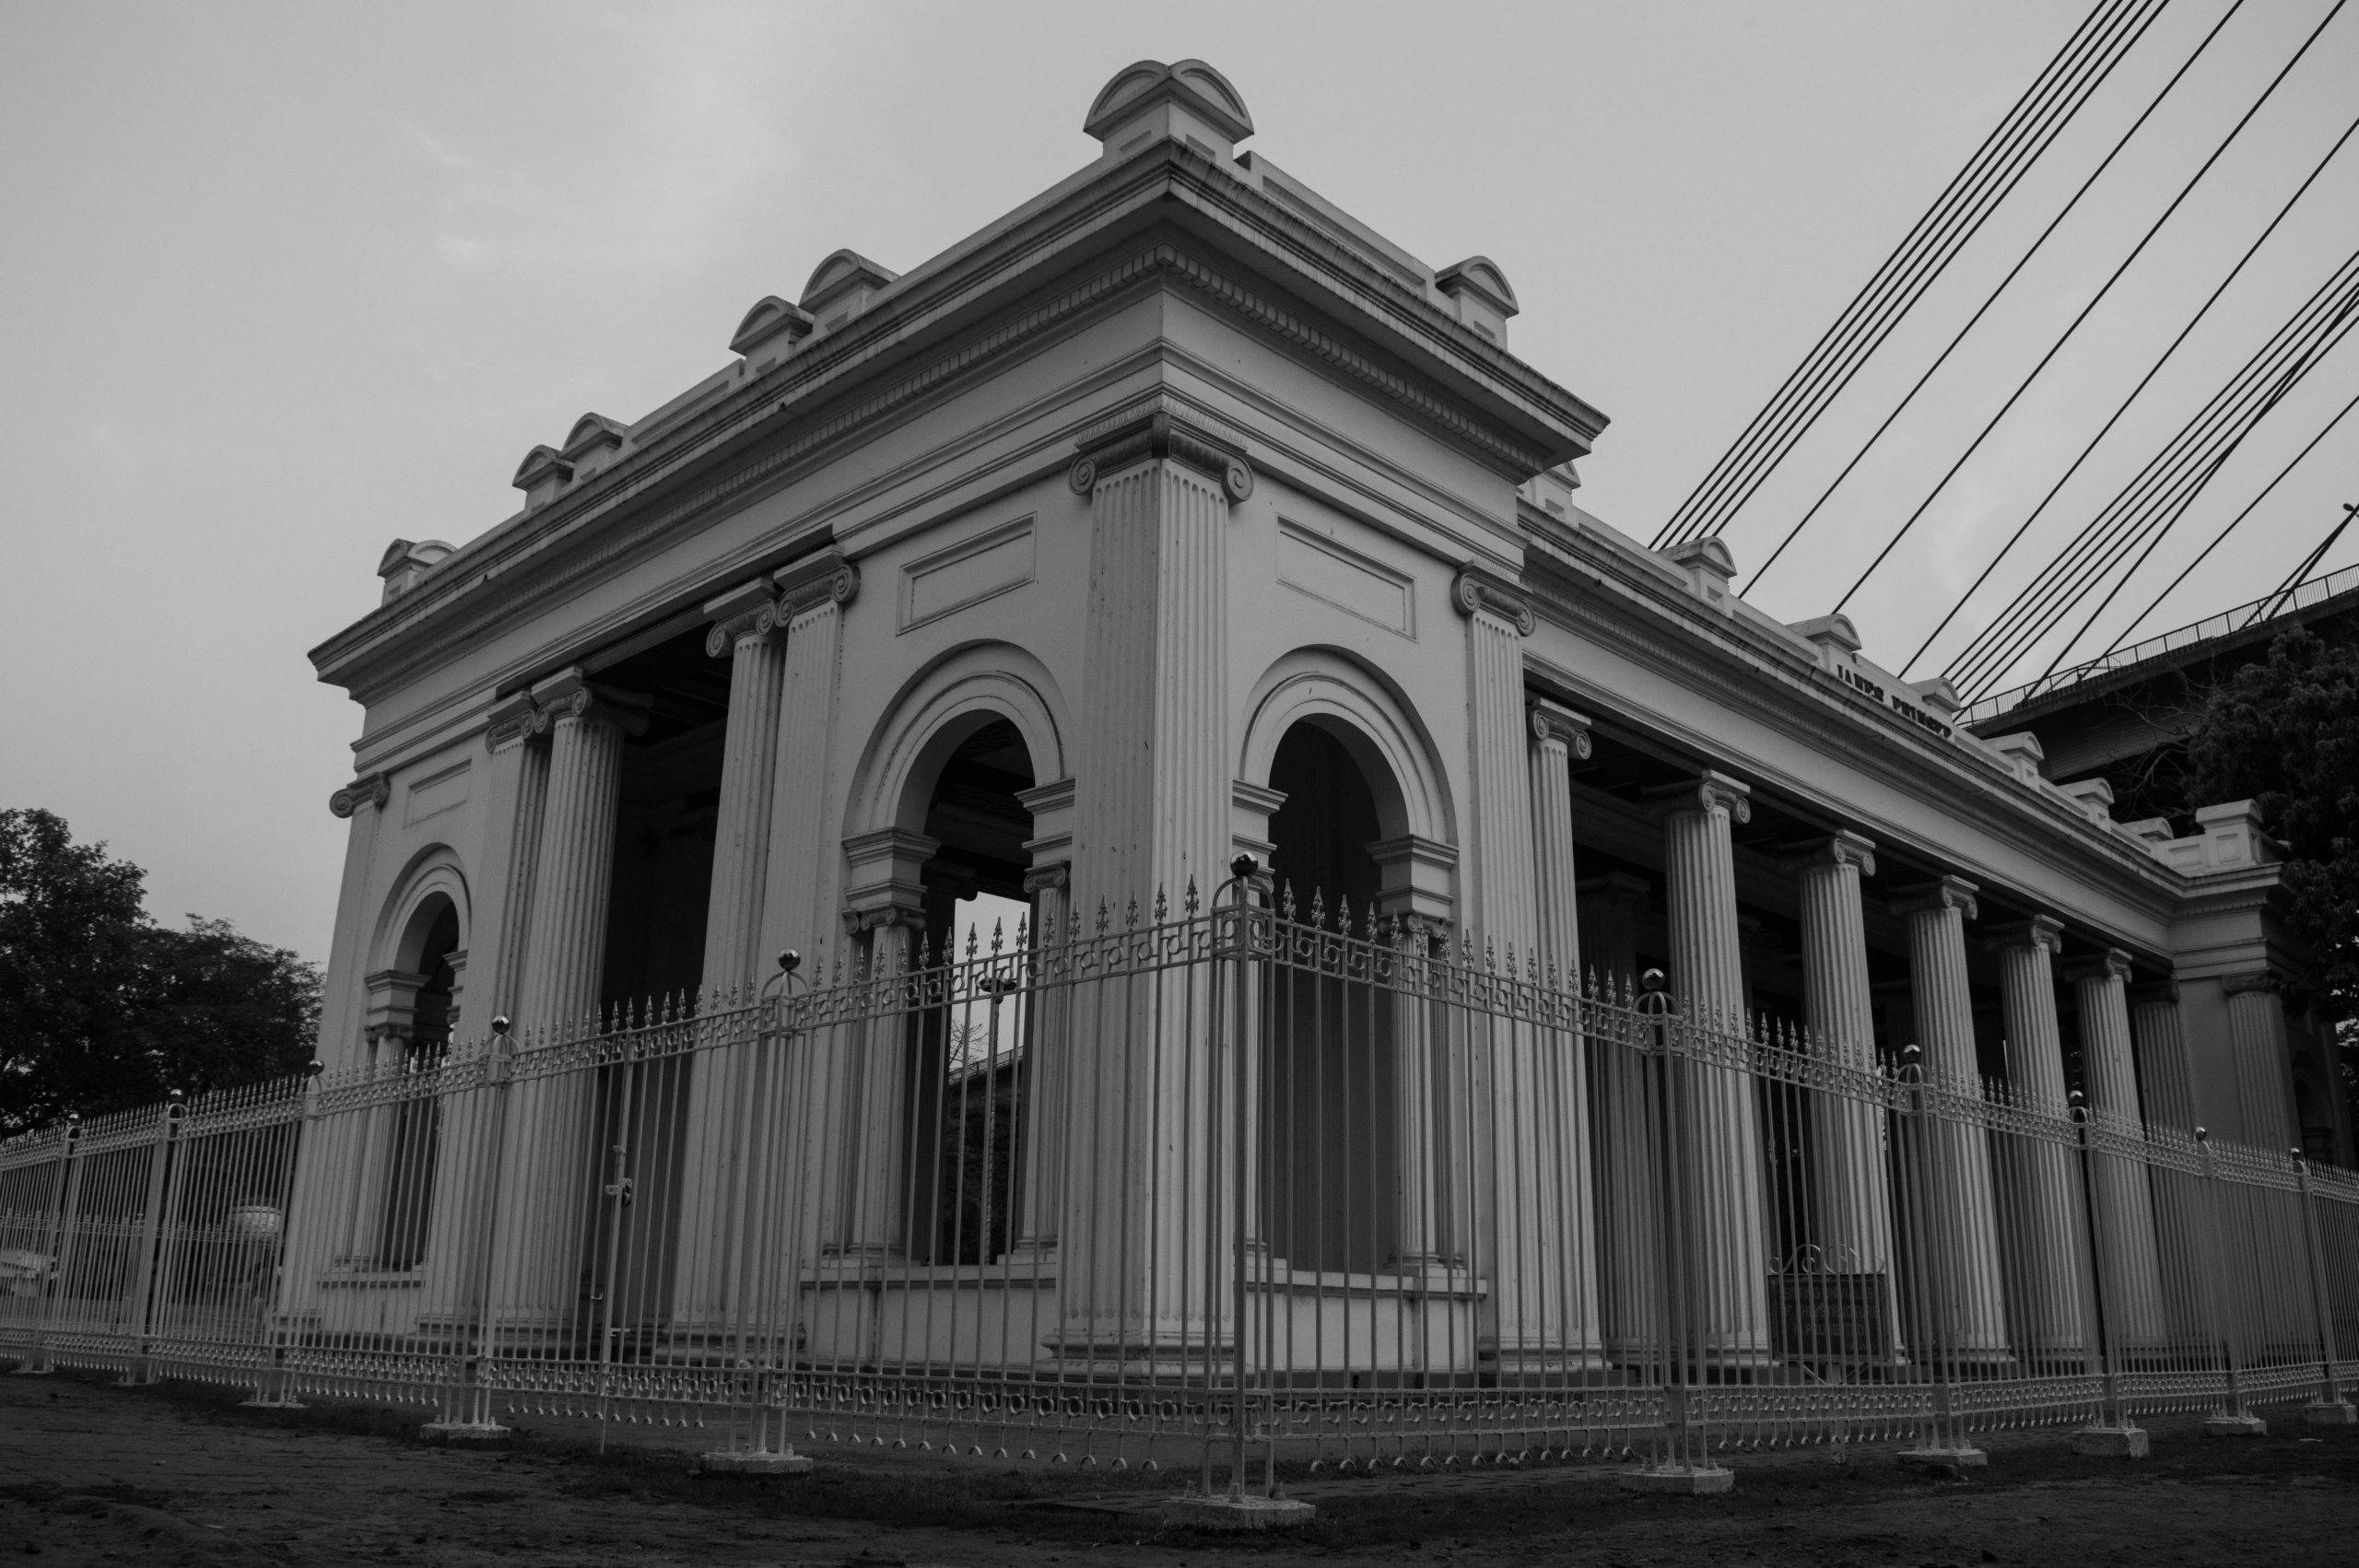 Princep ghat in Kolkata